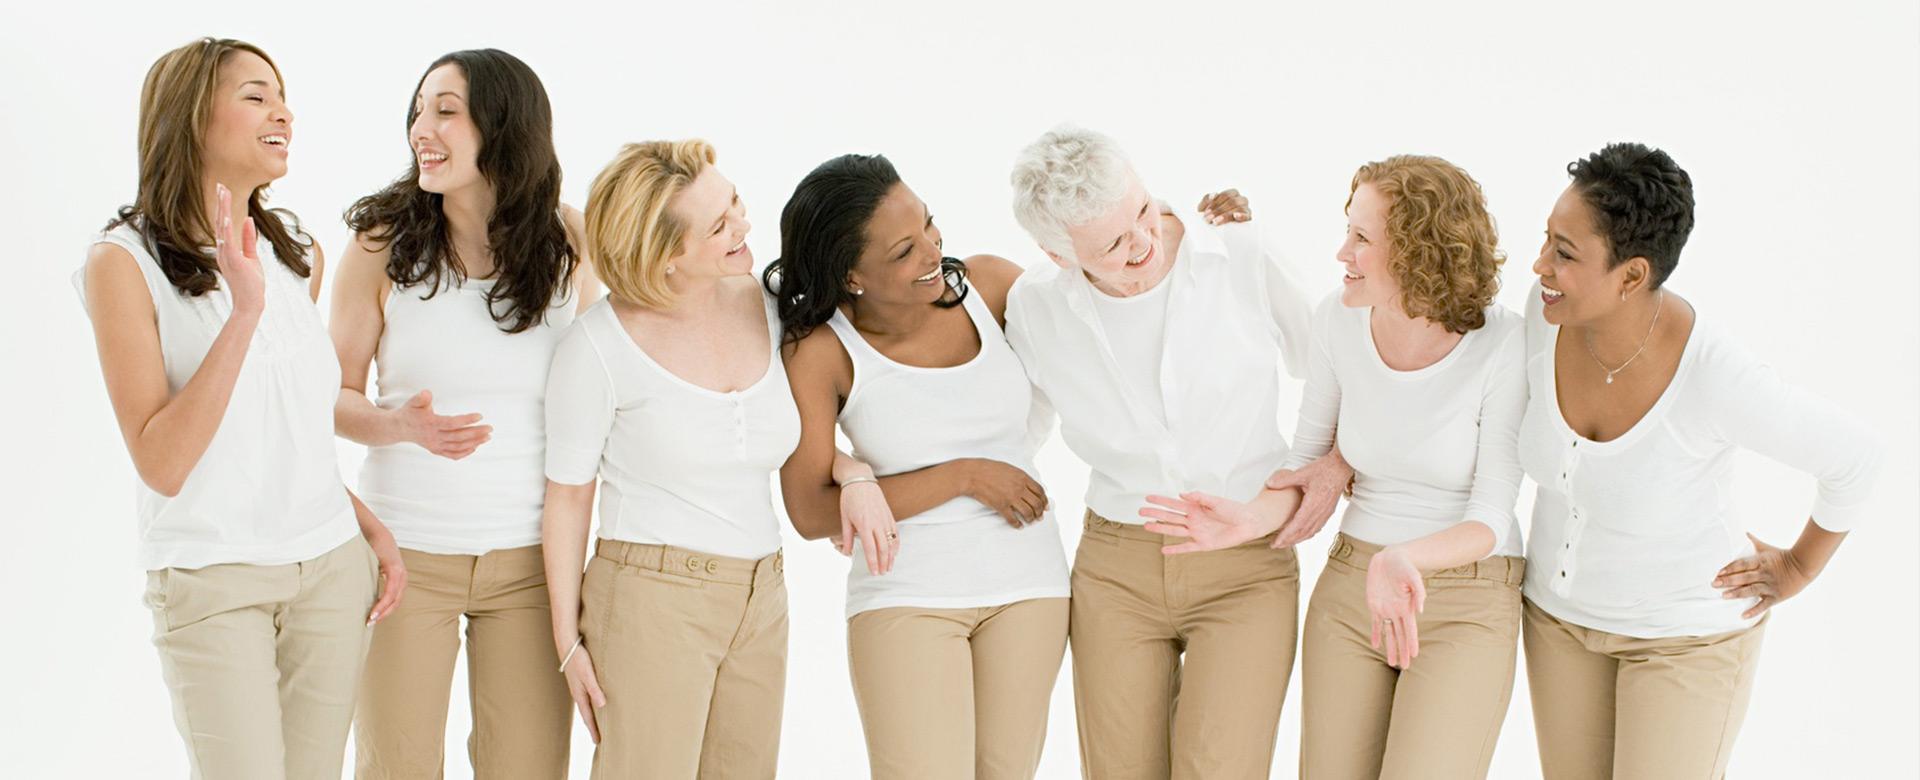 Foto einer Gruppe verschiedener Frauen - Frauenarzt Frauenärztin Gynäkologie Pränataldiagnostik Essen